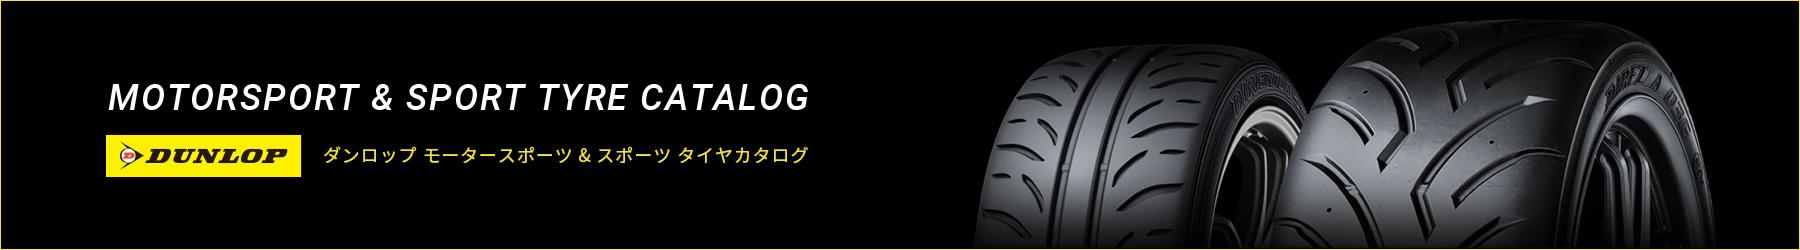 ダンロップ モータースポーツ & スポーツ タイヤカタログ